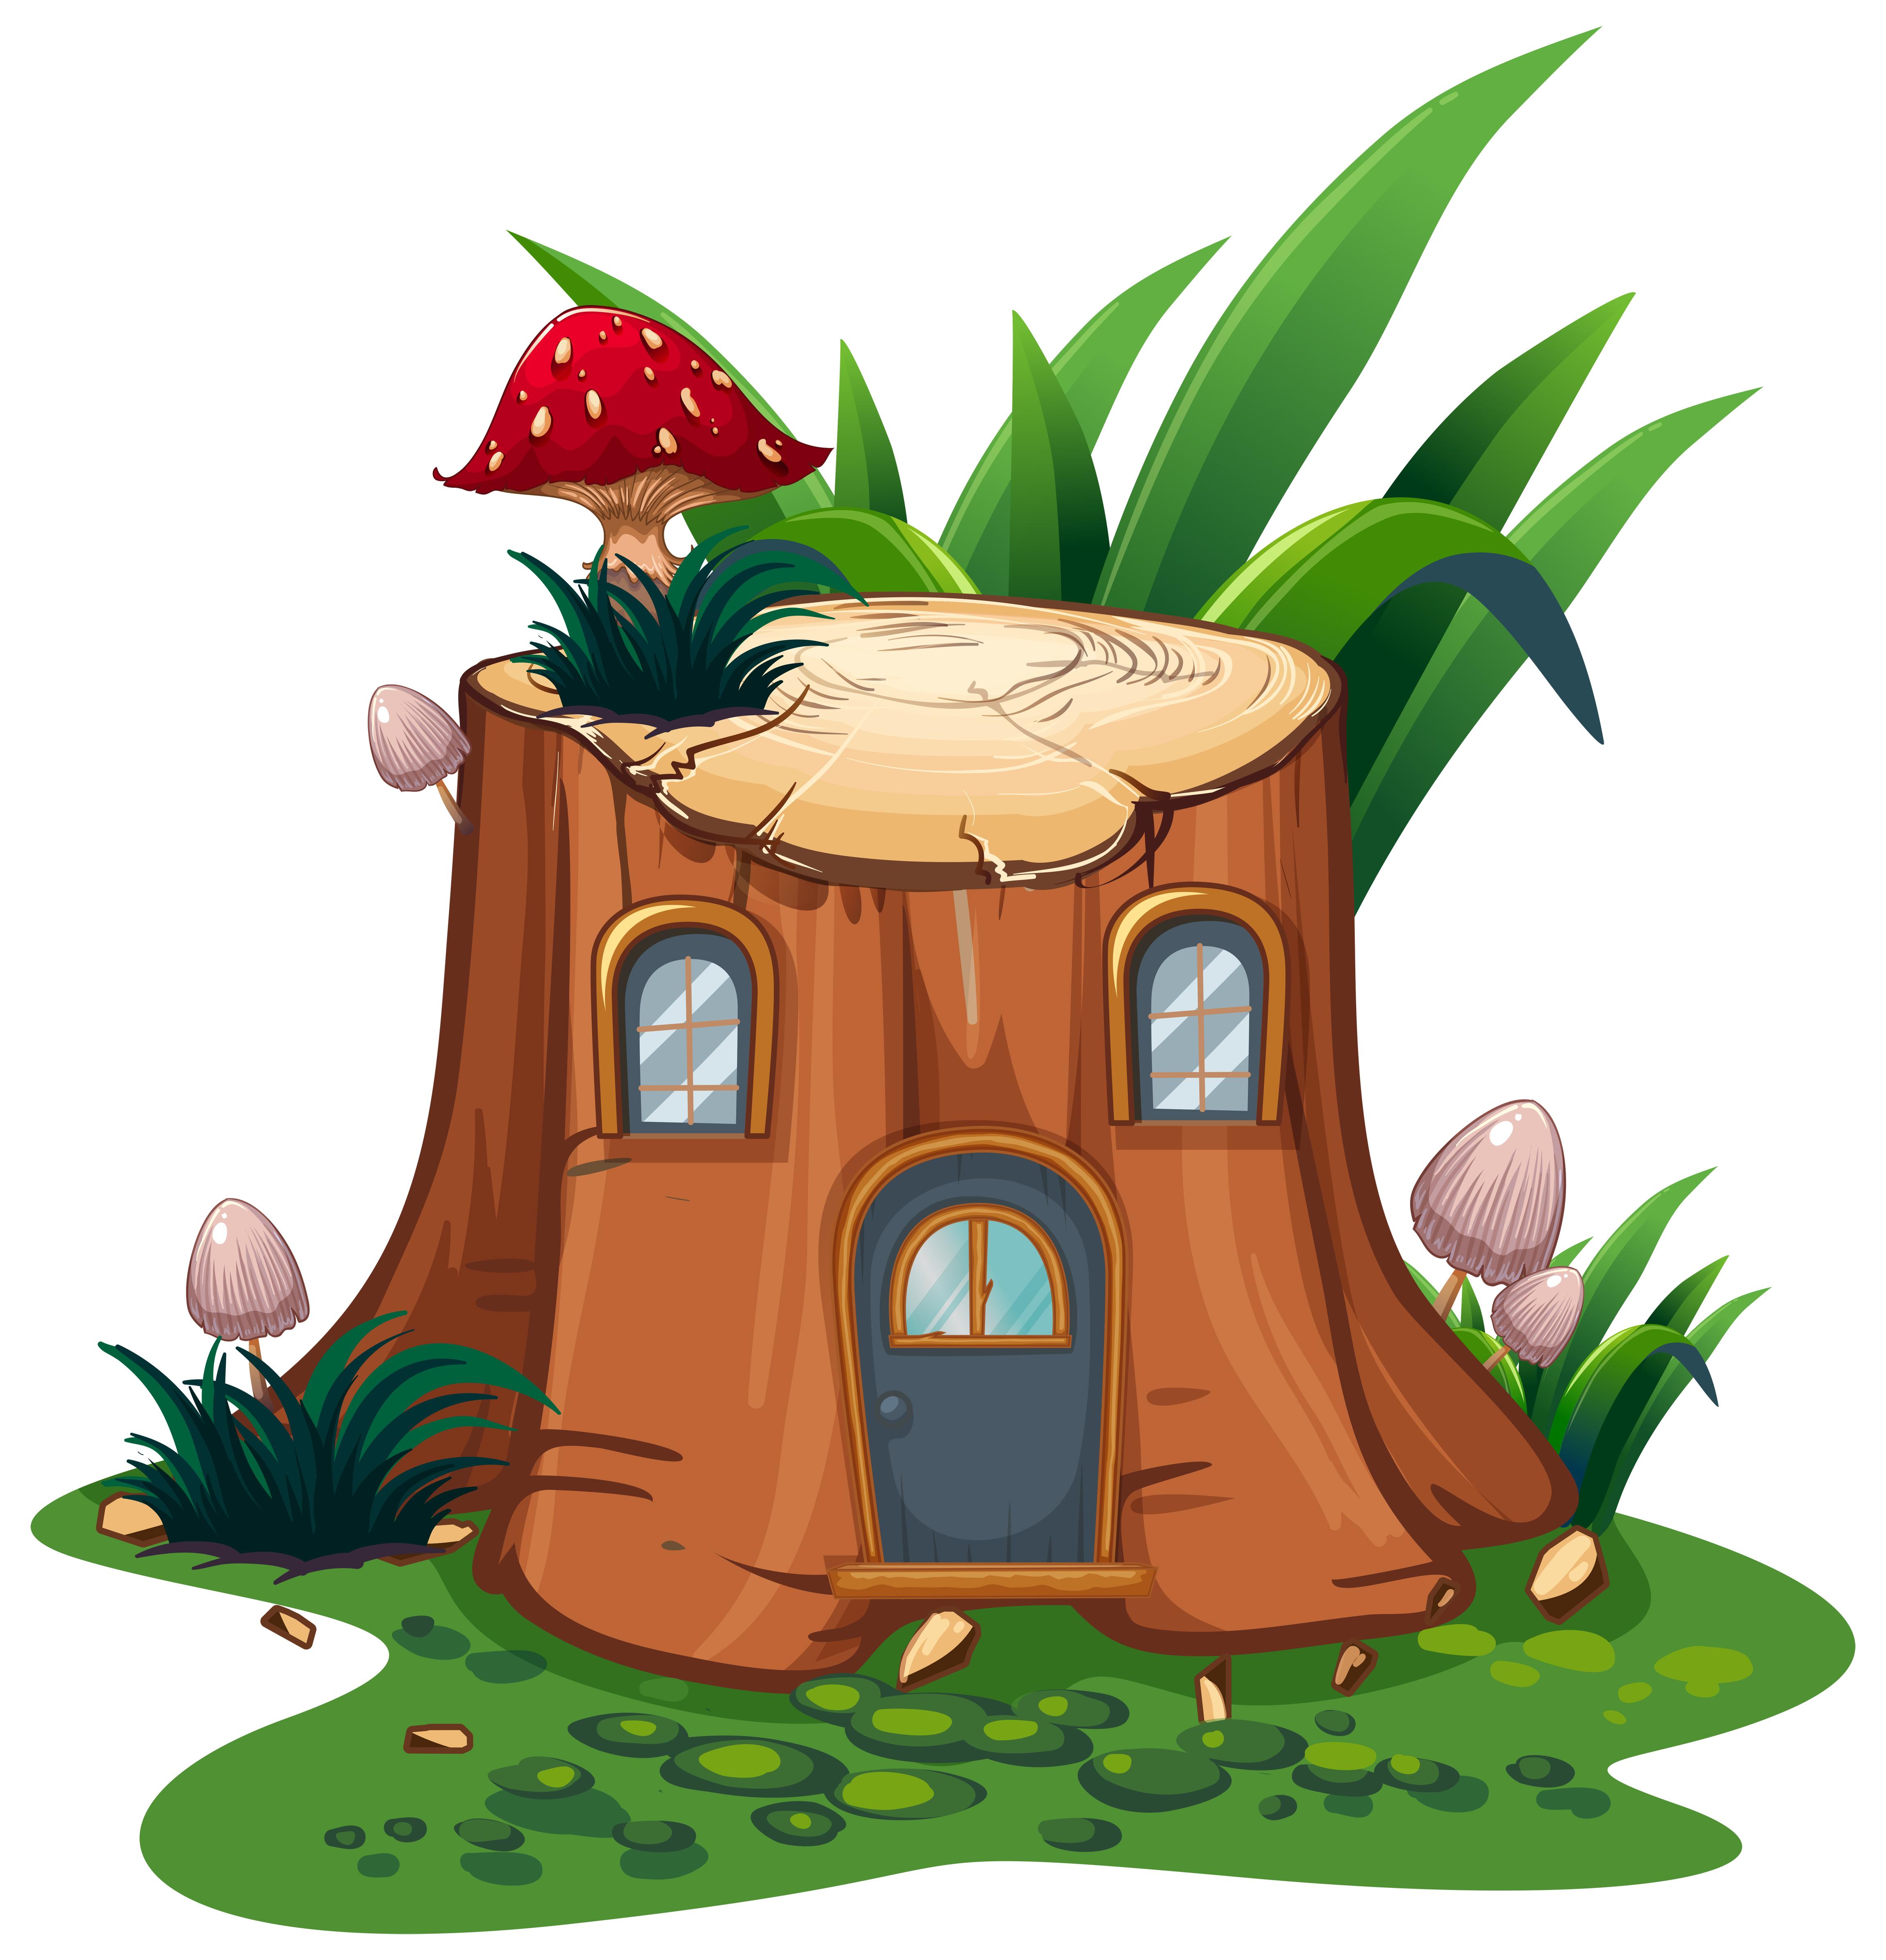 Mushroom on stump tree in garden - Download Free Vectors ...